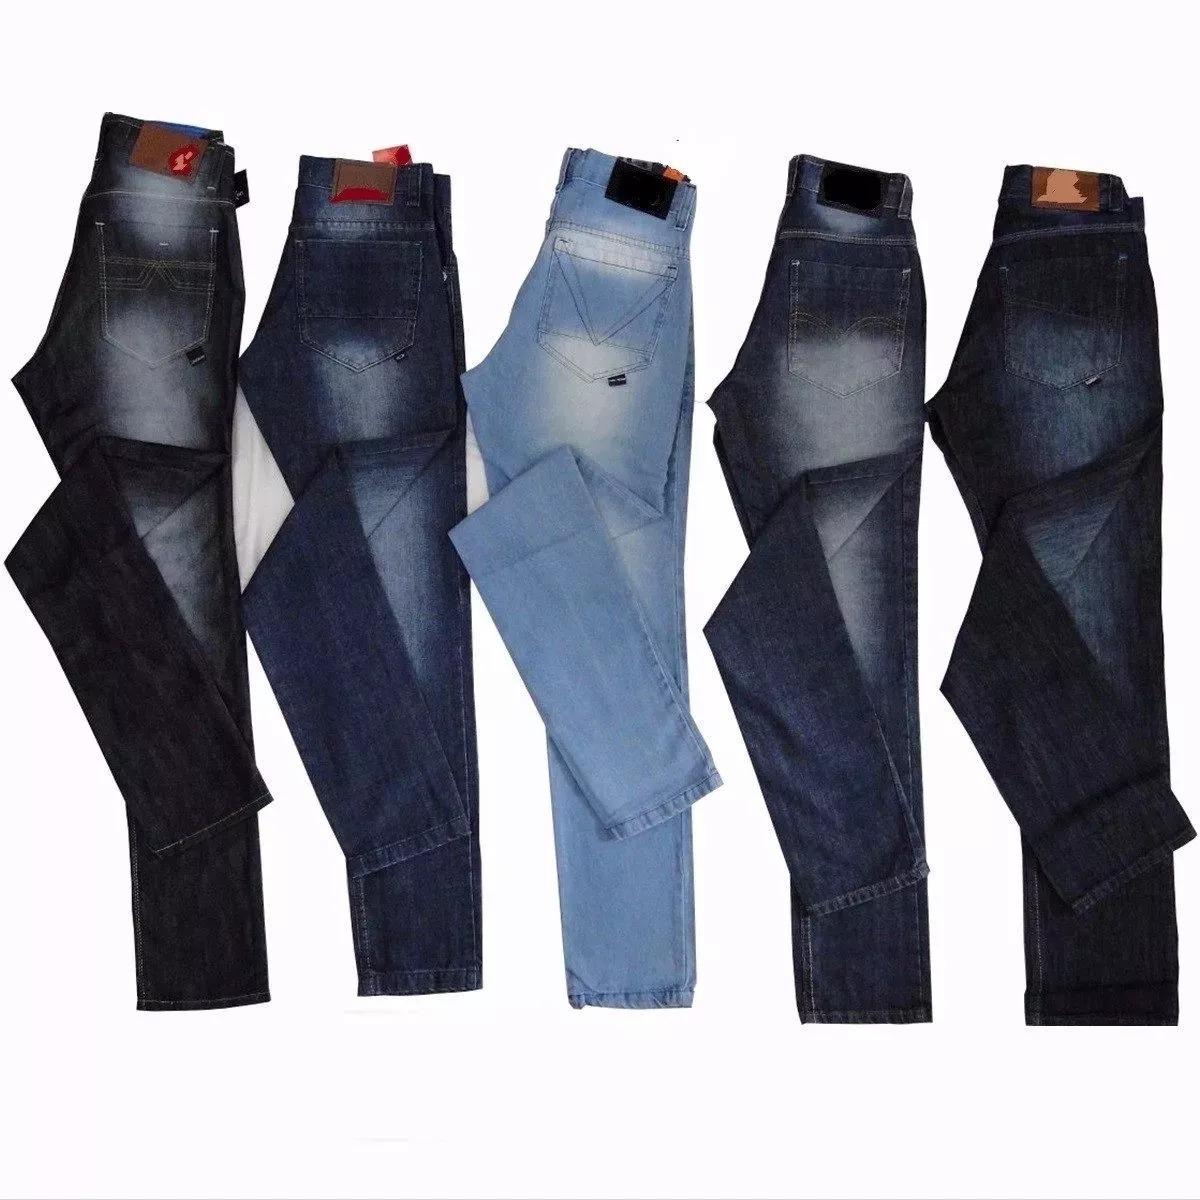 22adf701a calça zip jeans com lycra stretch masculina. Carregando zoom.